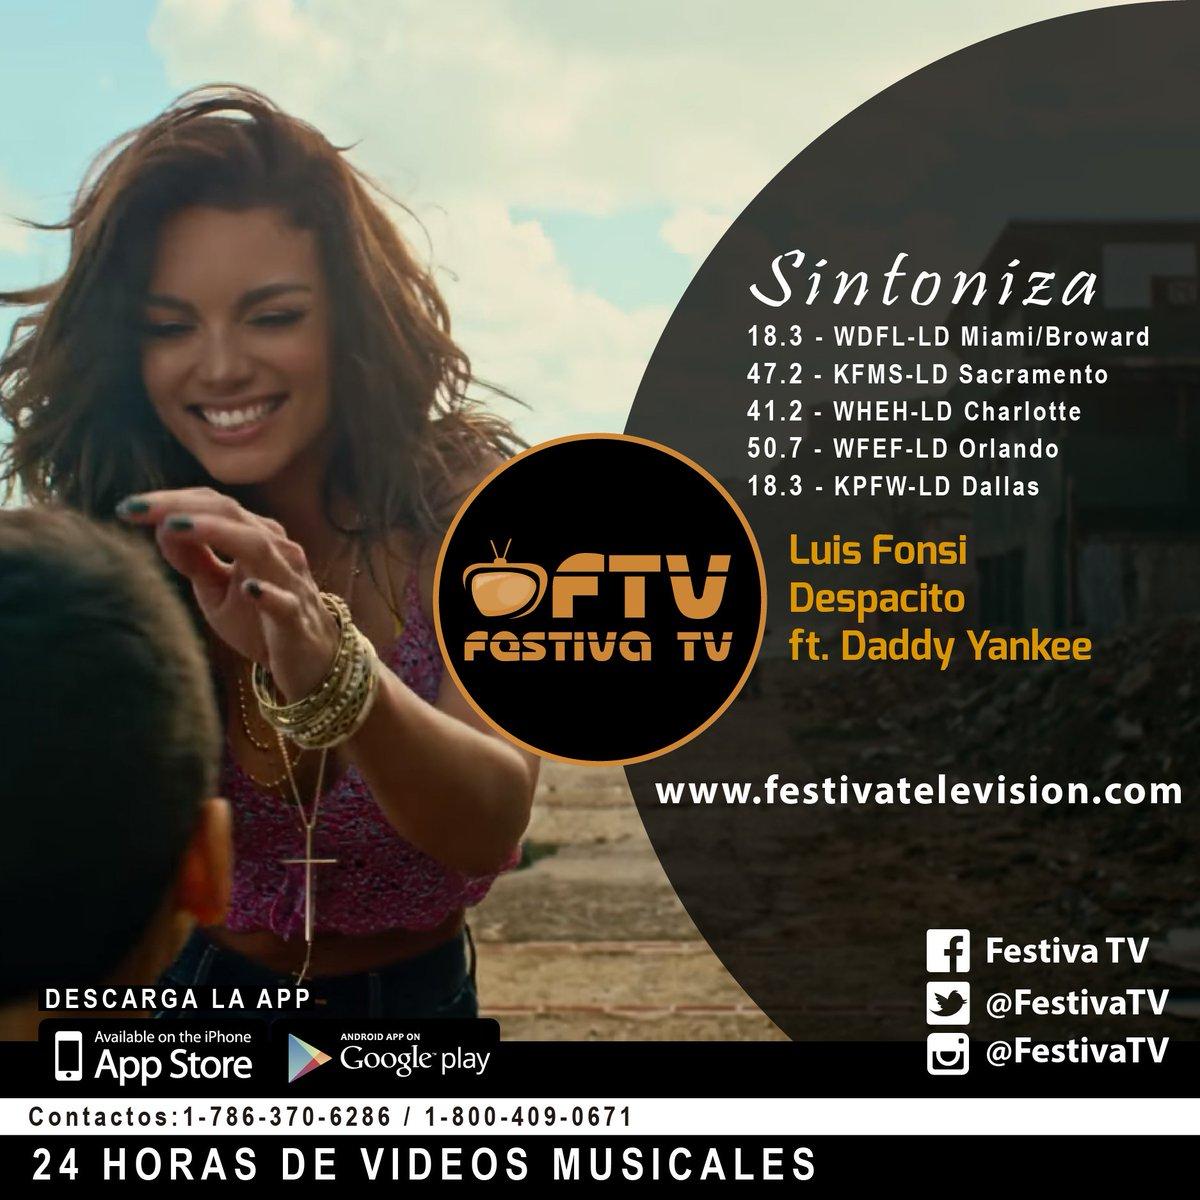 Luis Fonsi - Despacito ft. Daddy Yankee este y mas videos https://t.co...